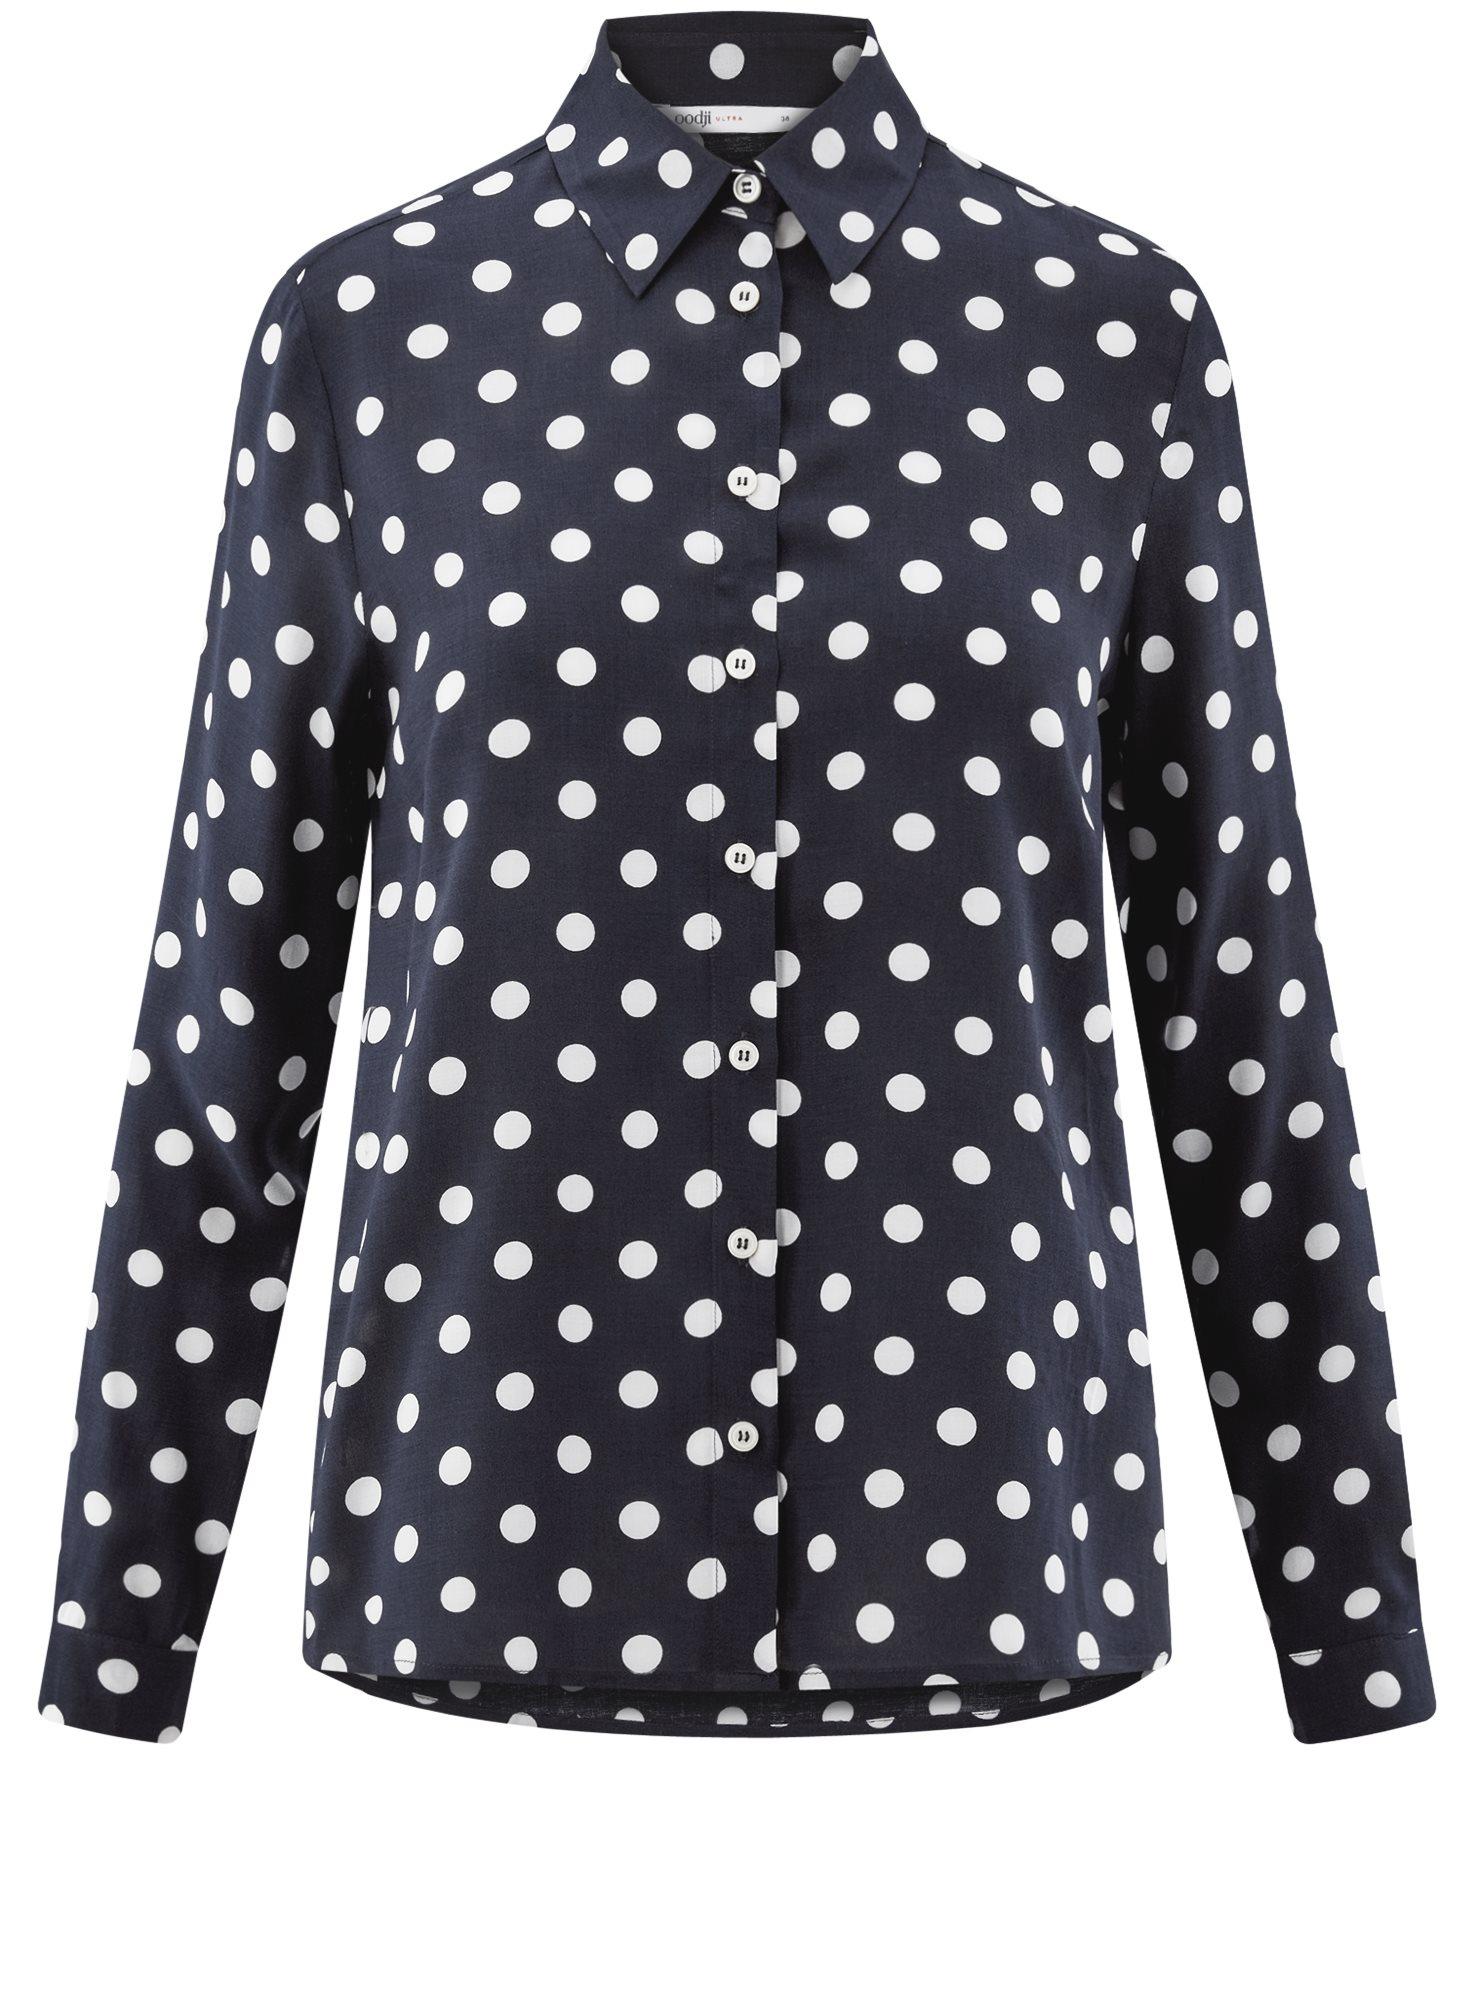 Блузка вискозная прямого силуэта oodji для женщины (синий), 11411098-3/24681/7912D